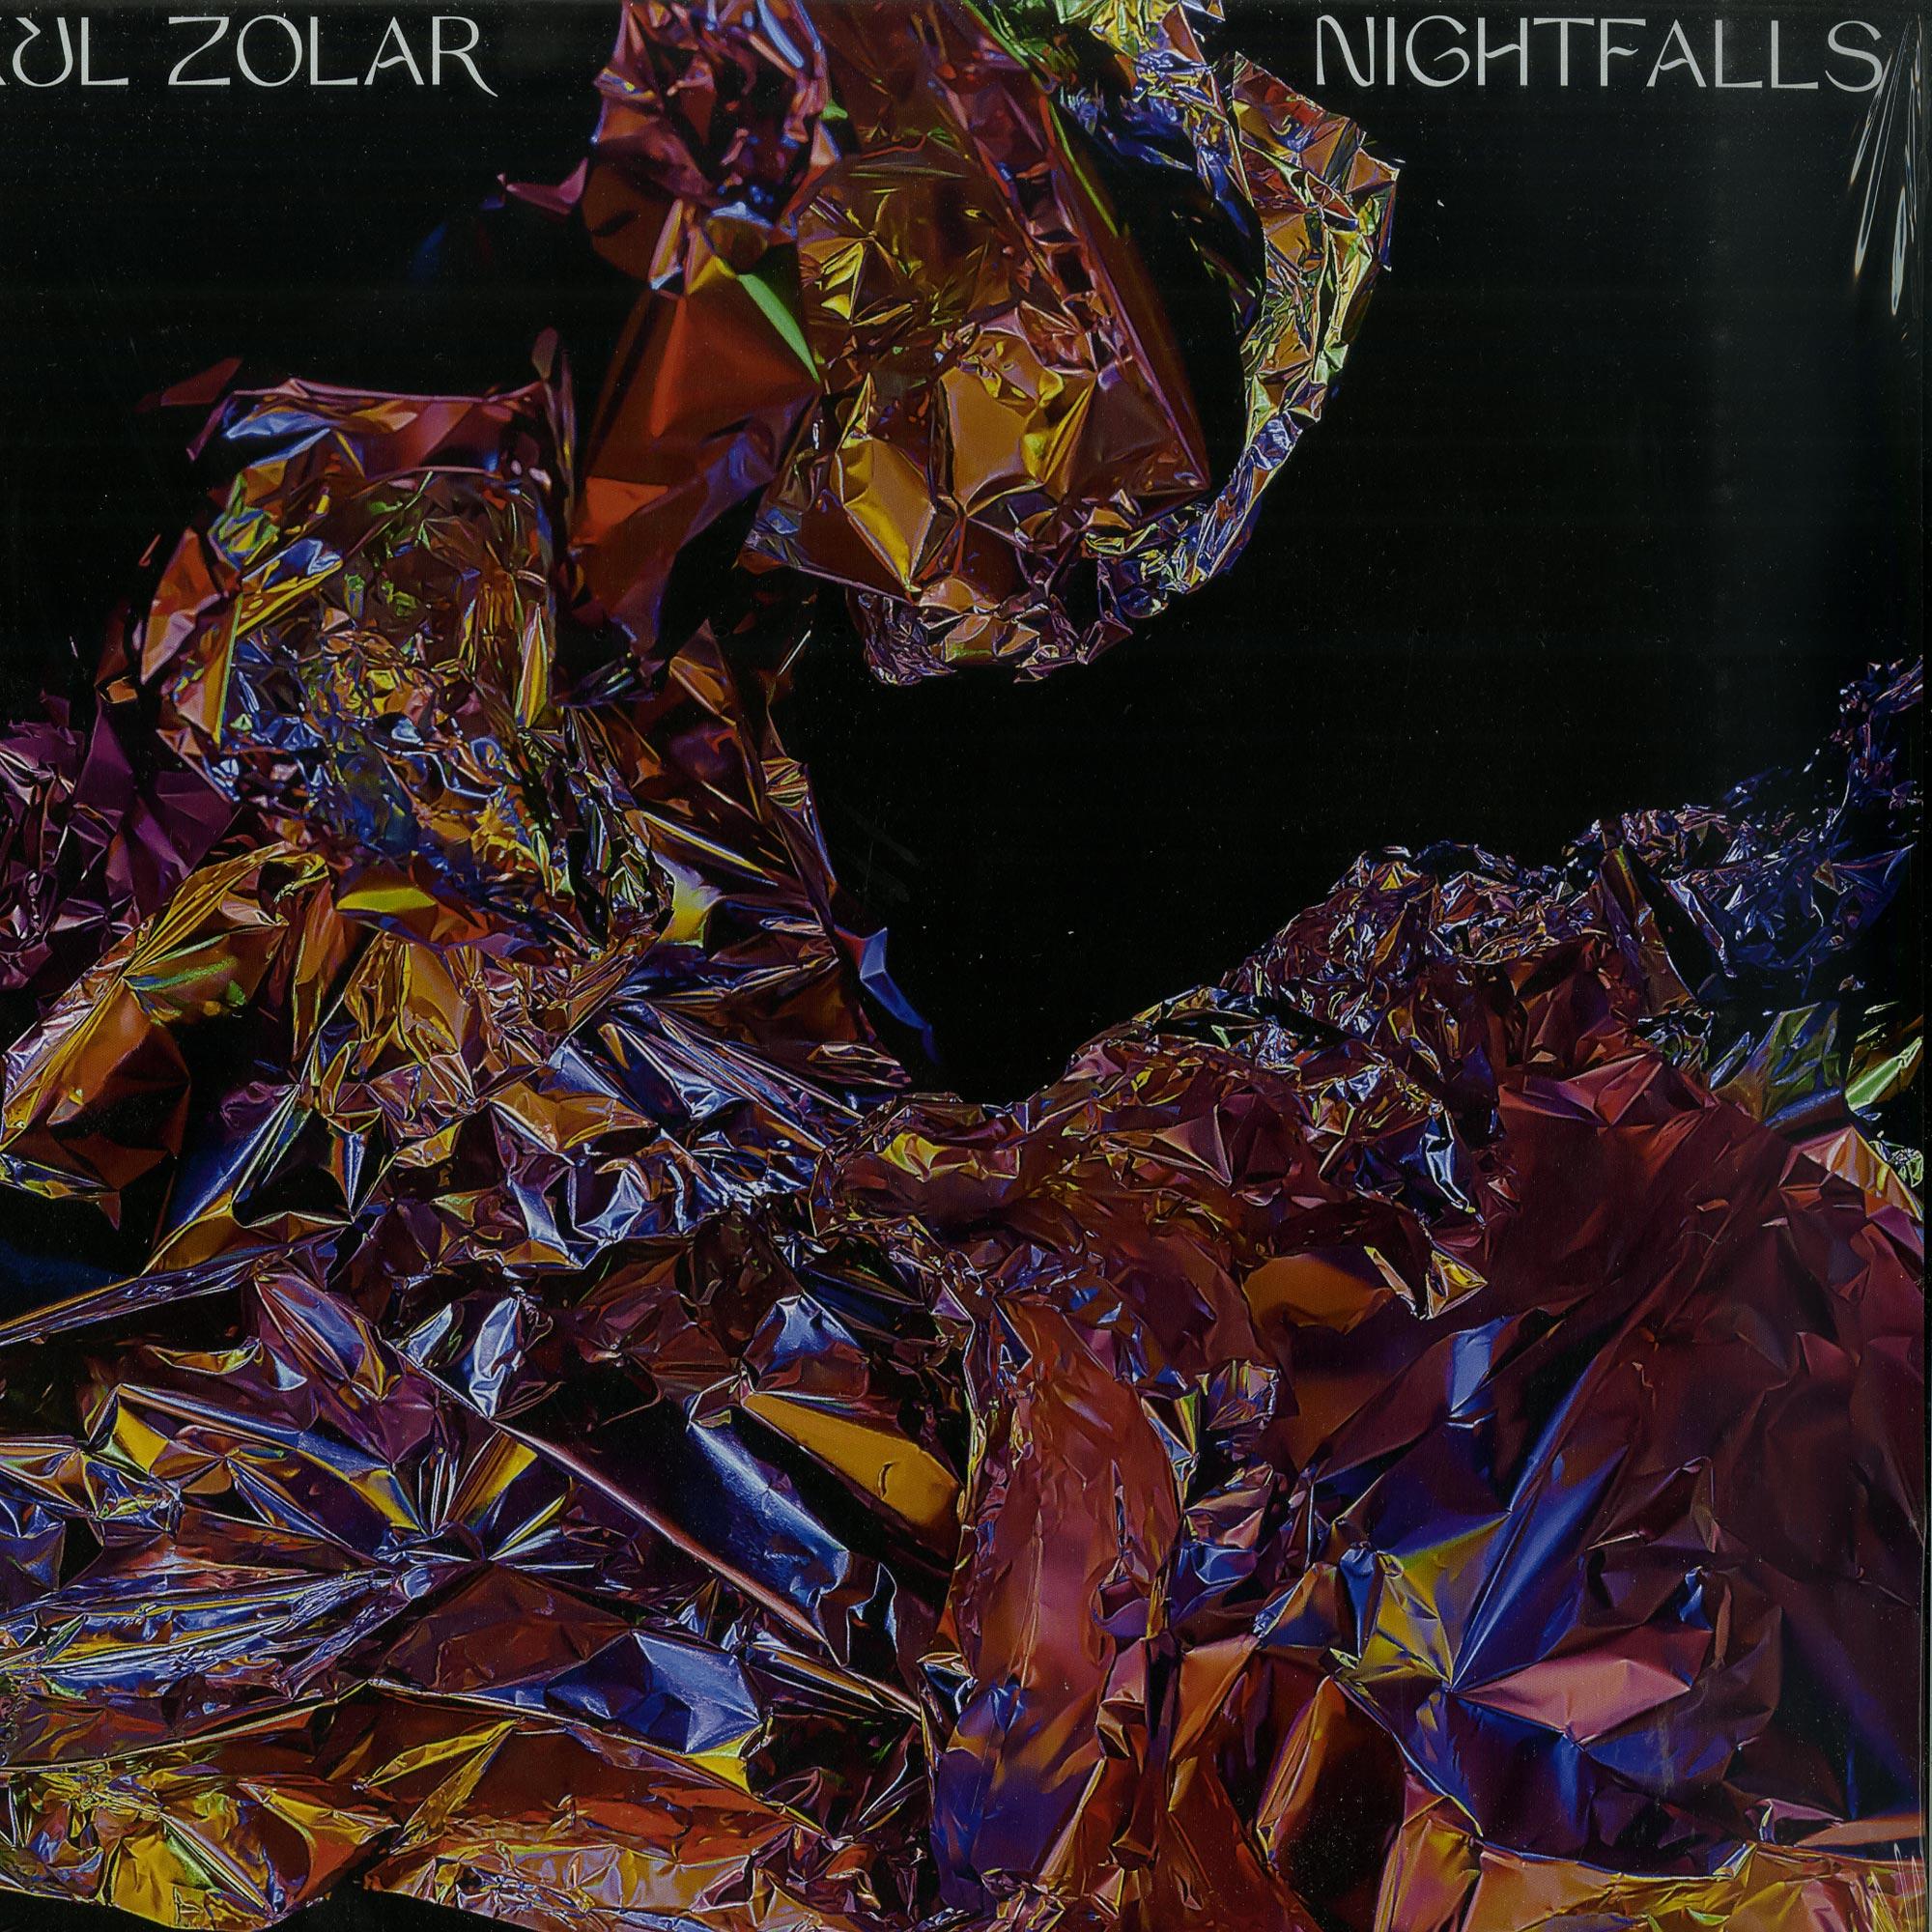 Xul Zolar - NIGHTFALLS